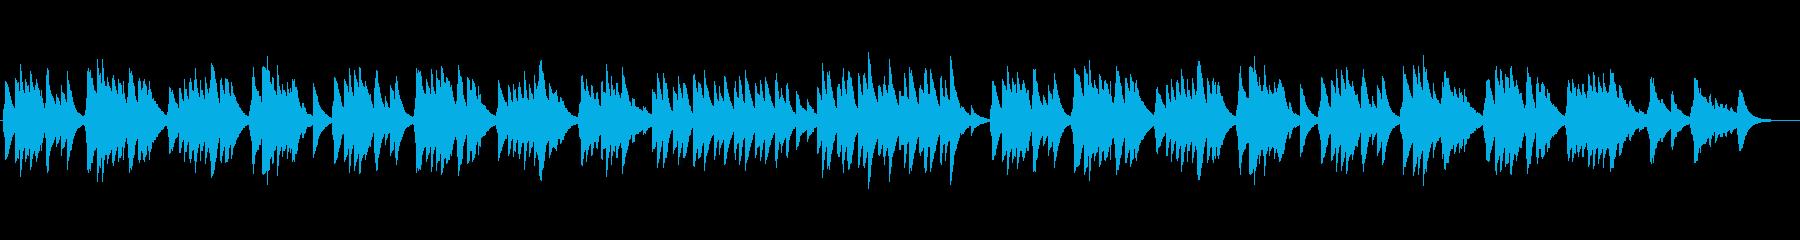 心あたたまるオルゴールの再生済みの波形